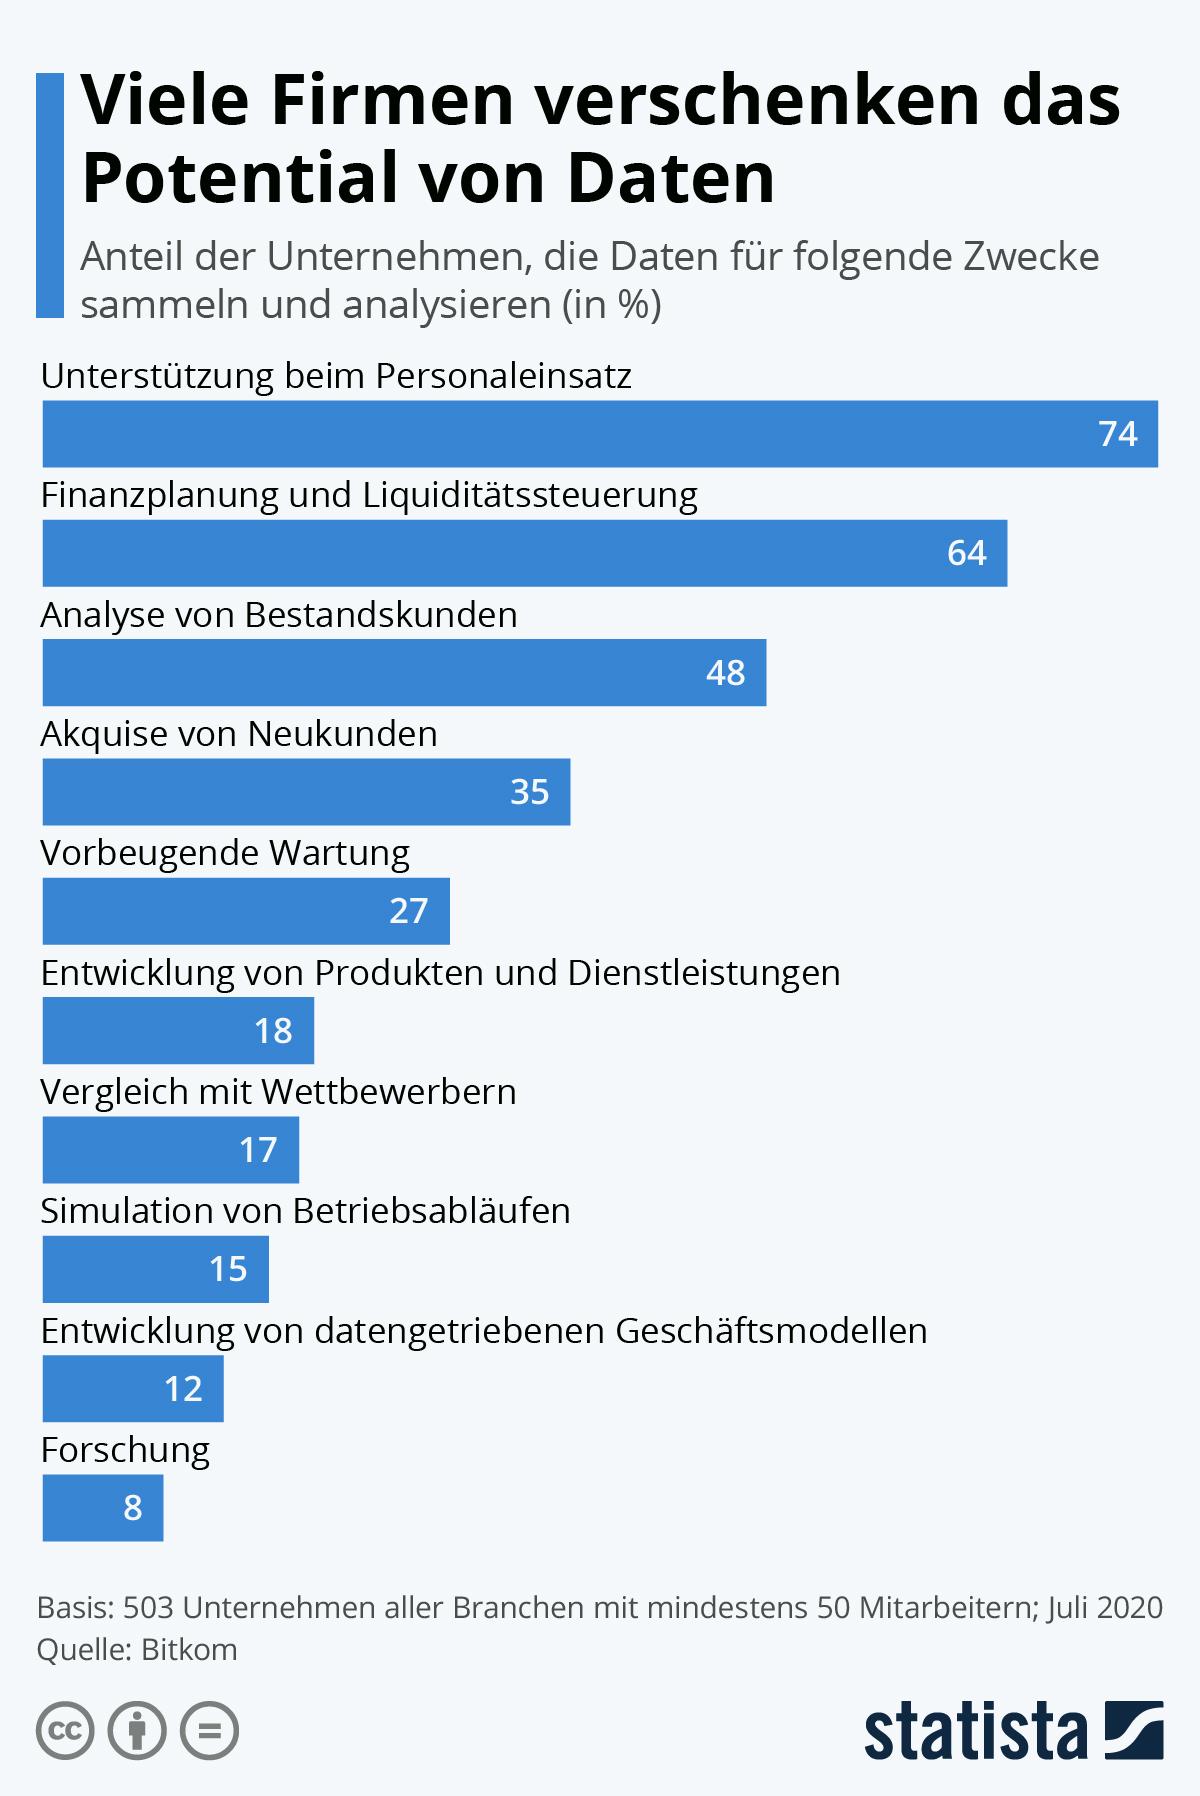 Infografik: Viele Firmen verschenken das Potential von Daten | Statista